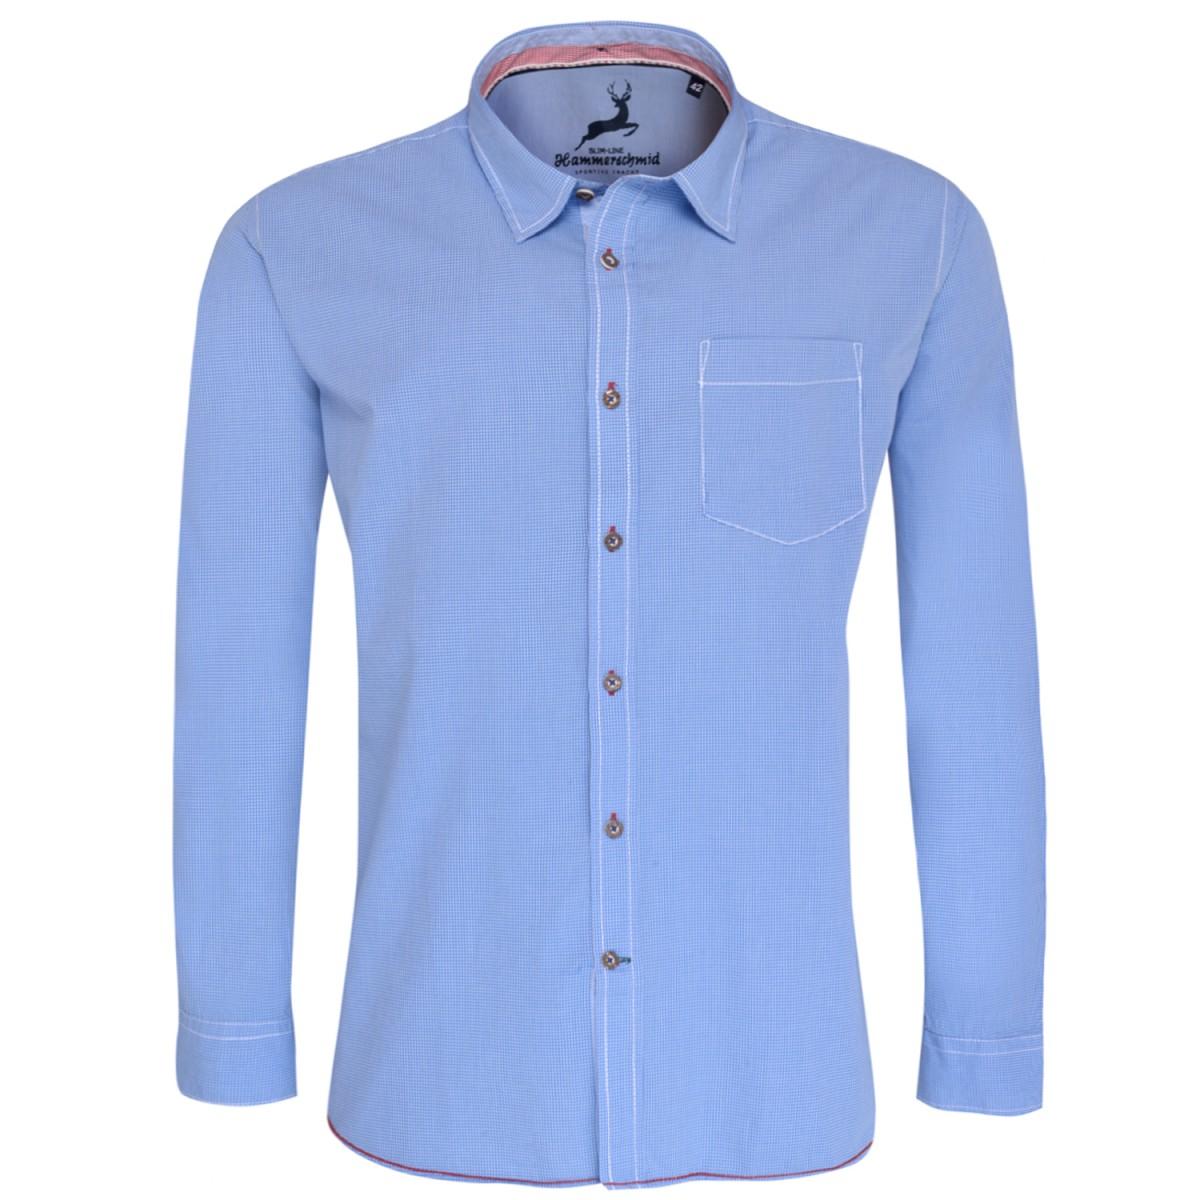 Trachtenhemd Slim Fit in Blau von Hammerschmid günstig online kaufen